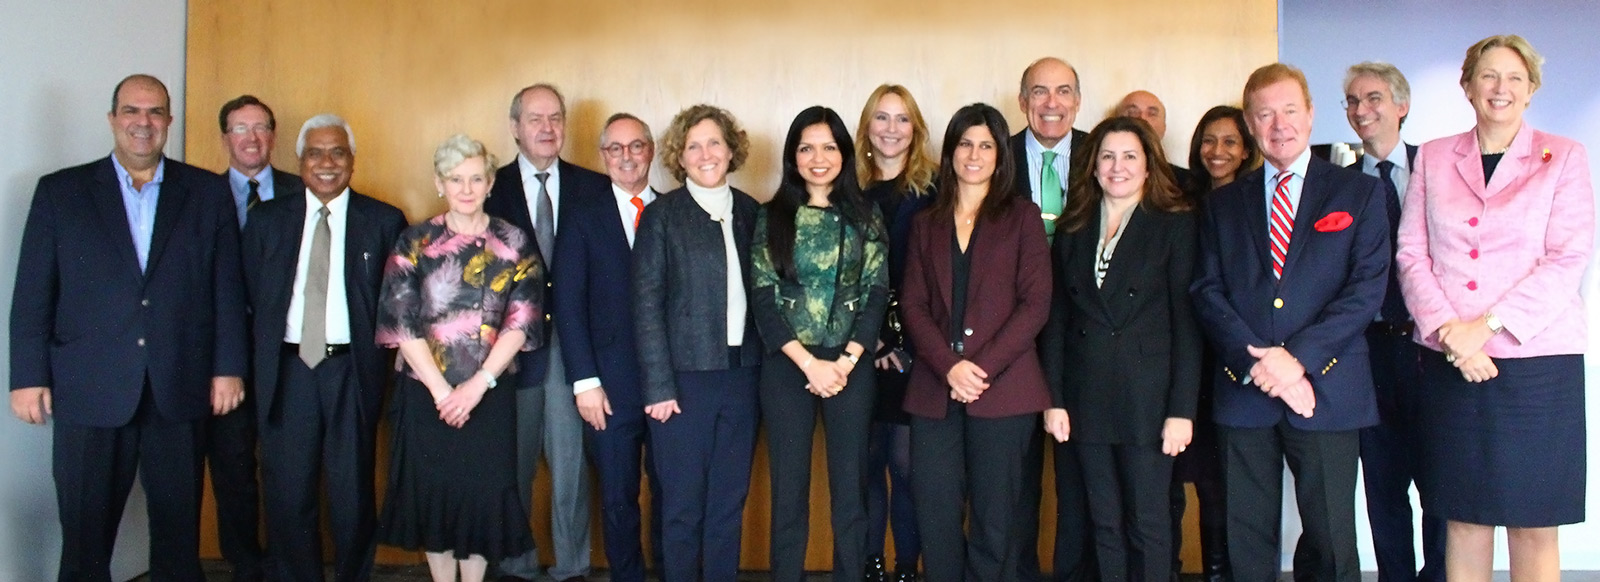 Group shot of the Global Advisory board members